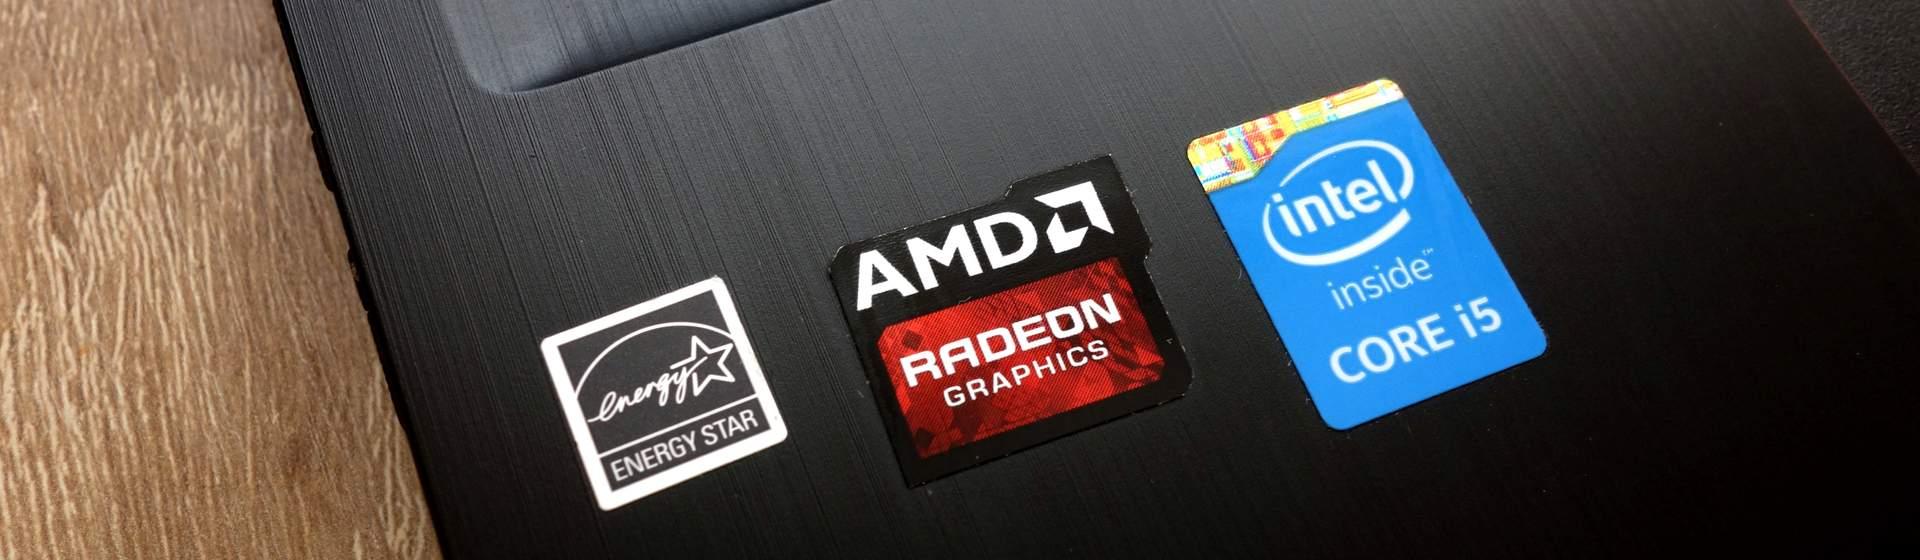 AMD ou Intel: qual o melhor processador?